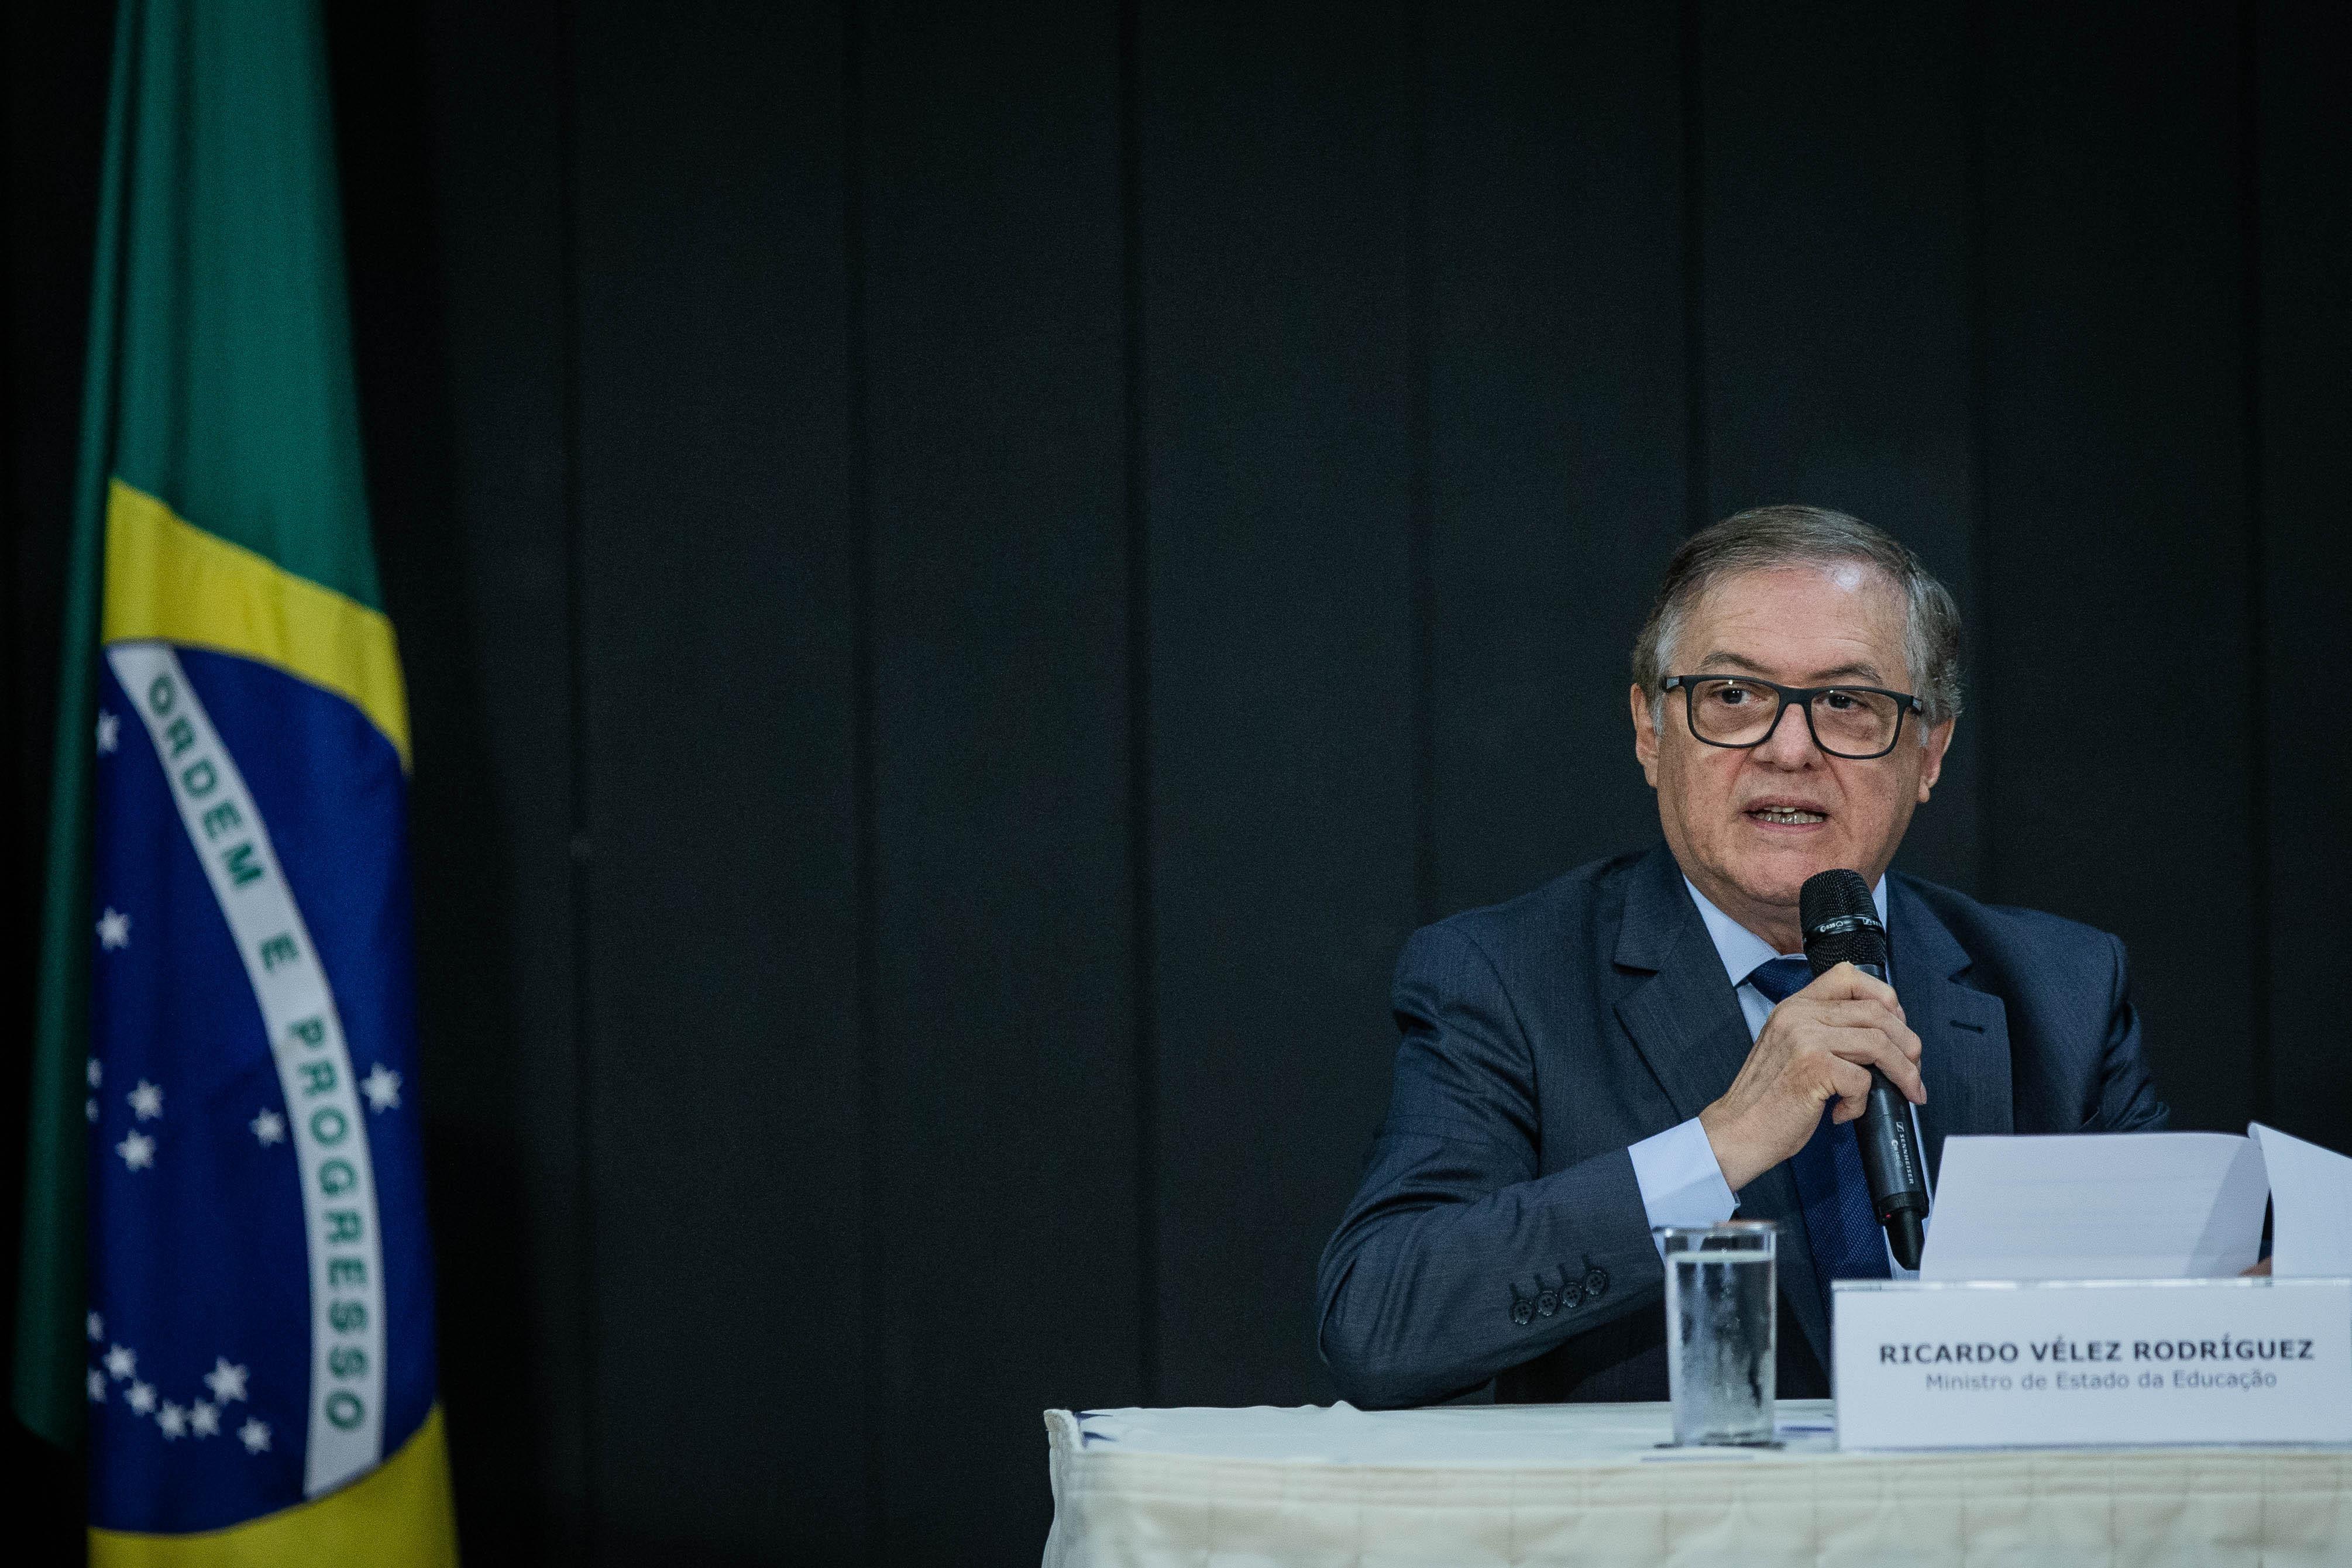 Gestão Bolsonaro muda edital de livros, abre margem para erros e retira violência contra a mulher